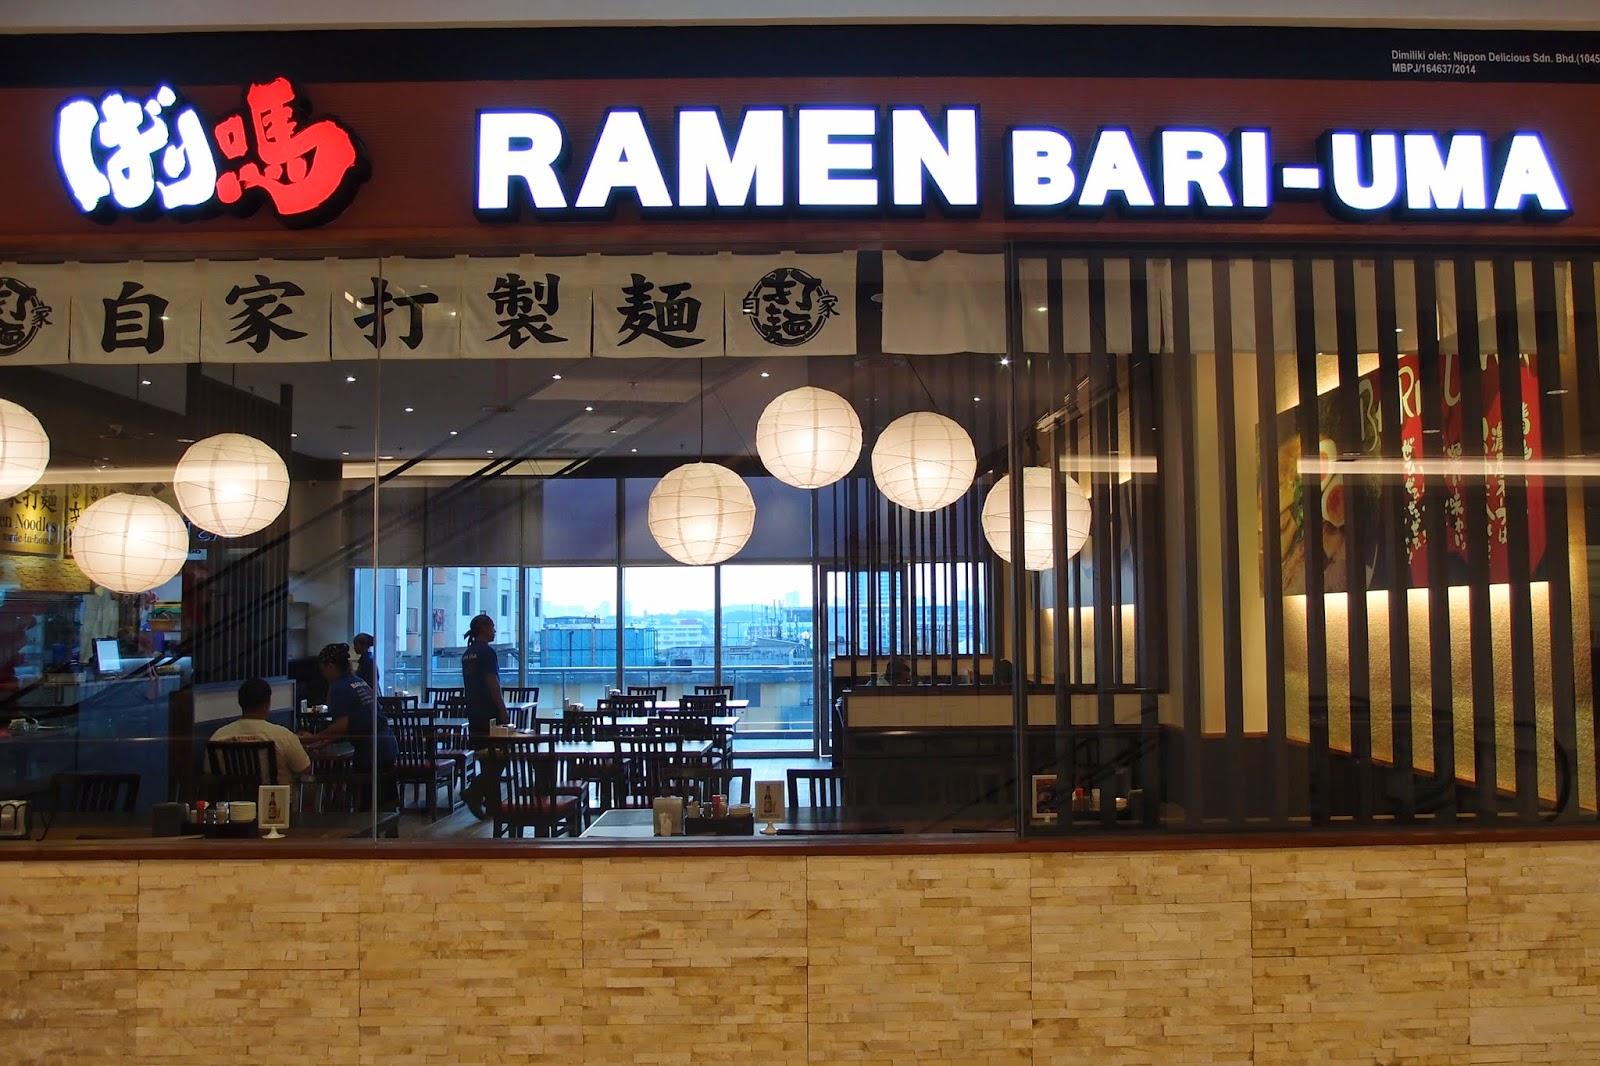 Follow Me To Eat La - Malaysian Food Blog: Bari Uma The ...